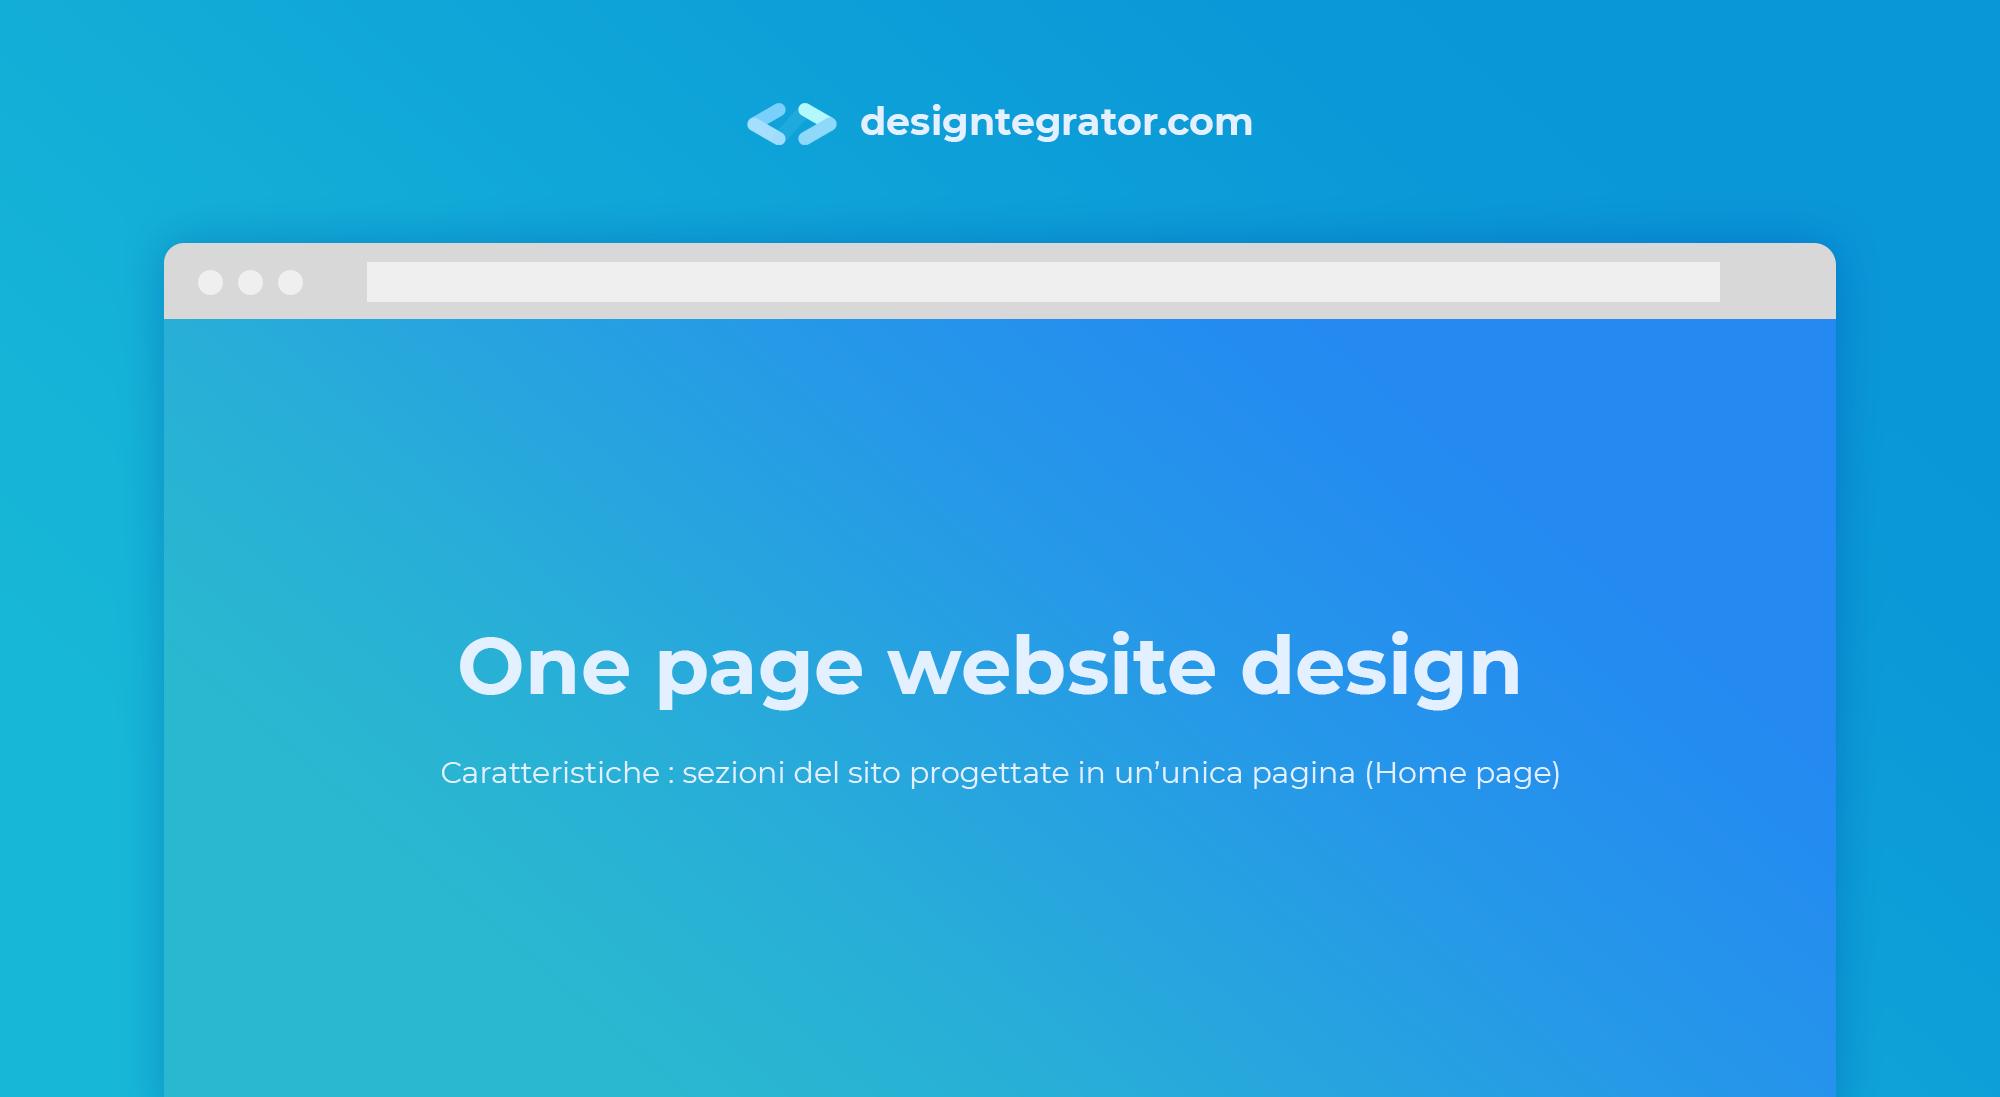 creare un sito web stile one-page